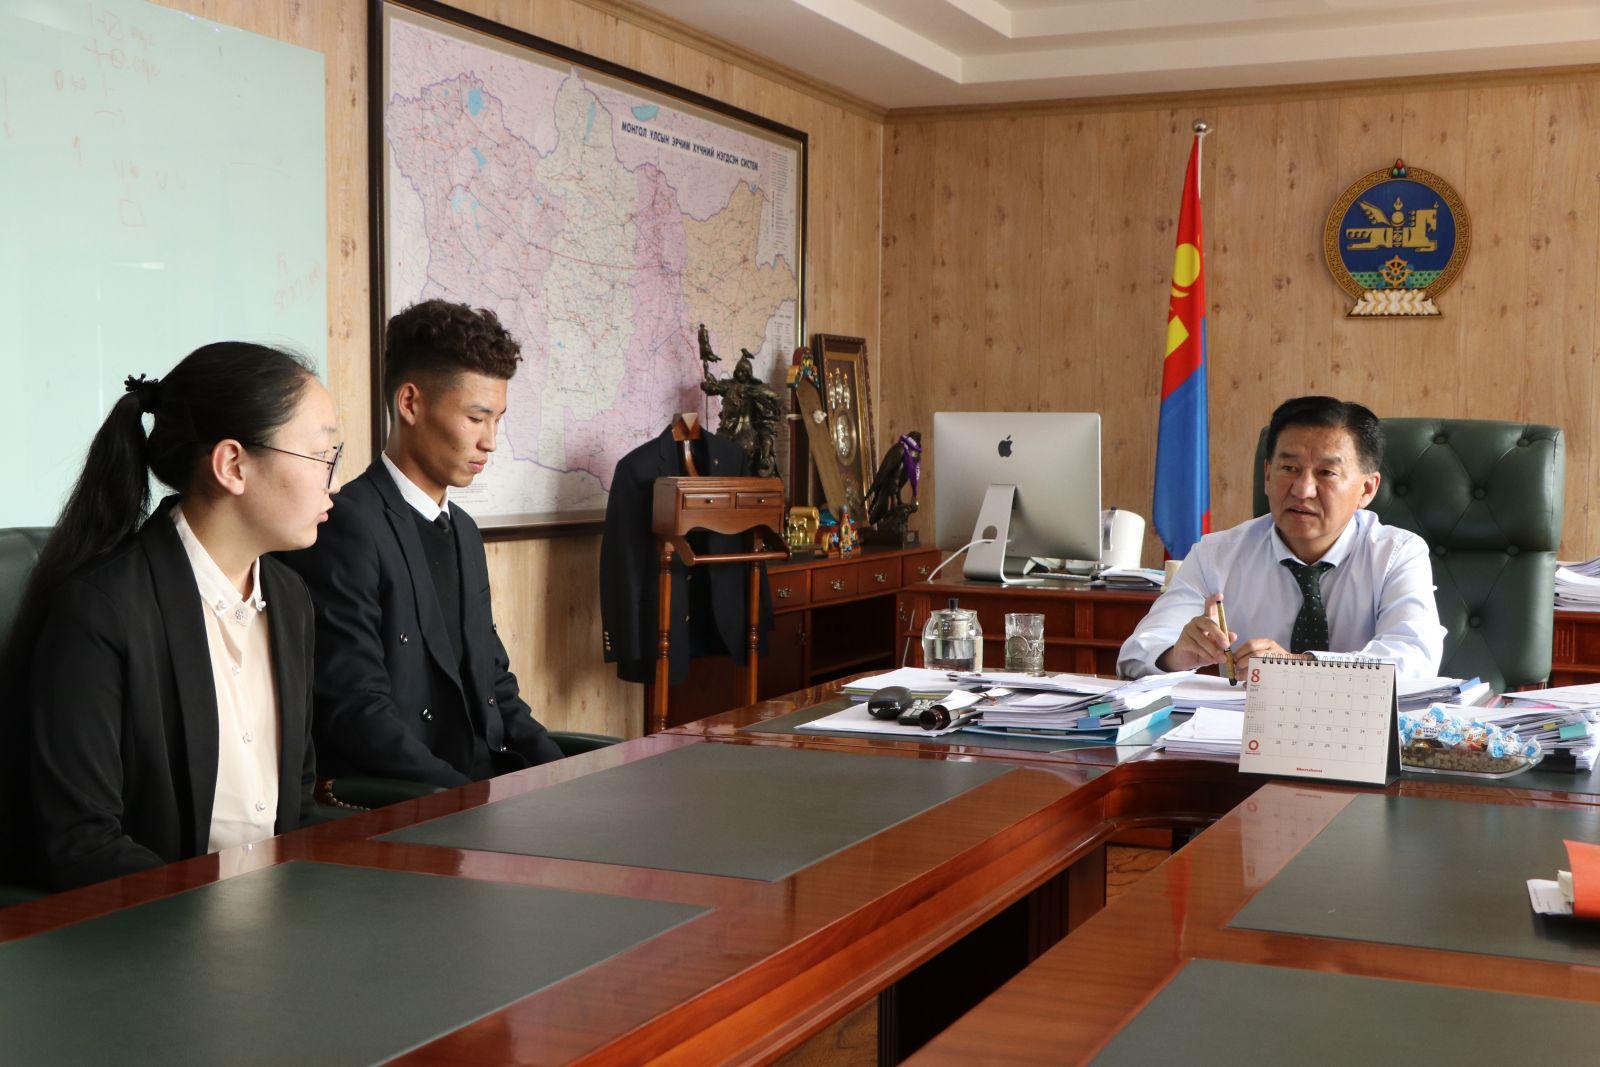 Бүгд Найрамдах Азербайжан Улсын Газрын тос, үйлдвэрлэлийн их сургуульд Монгол оюутнууд суралцана